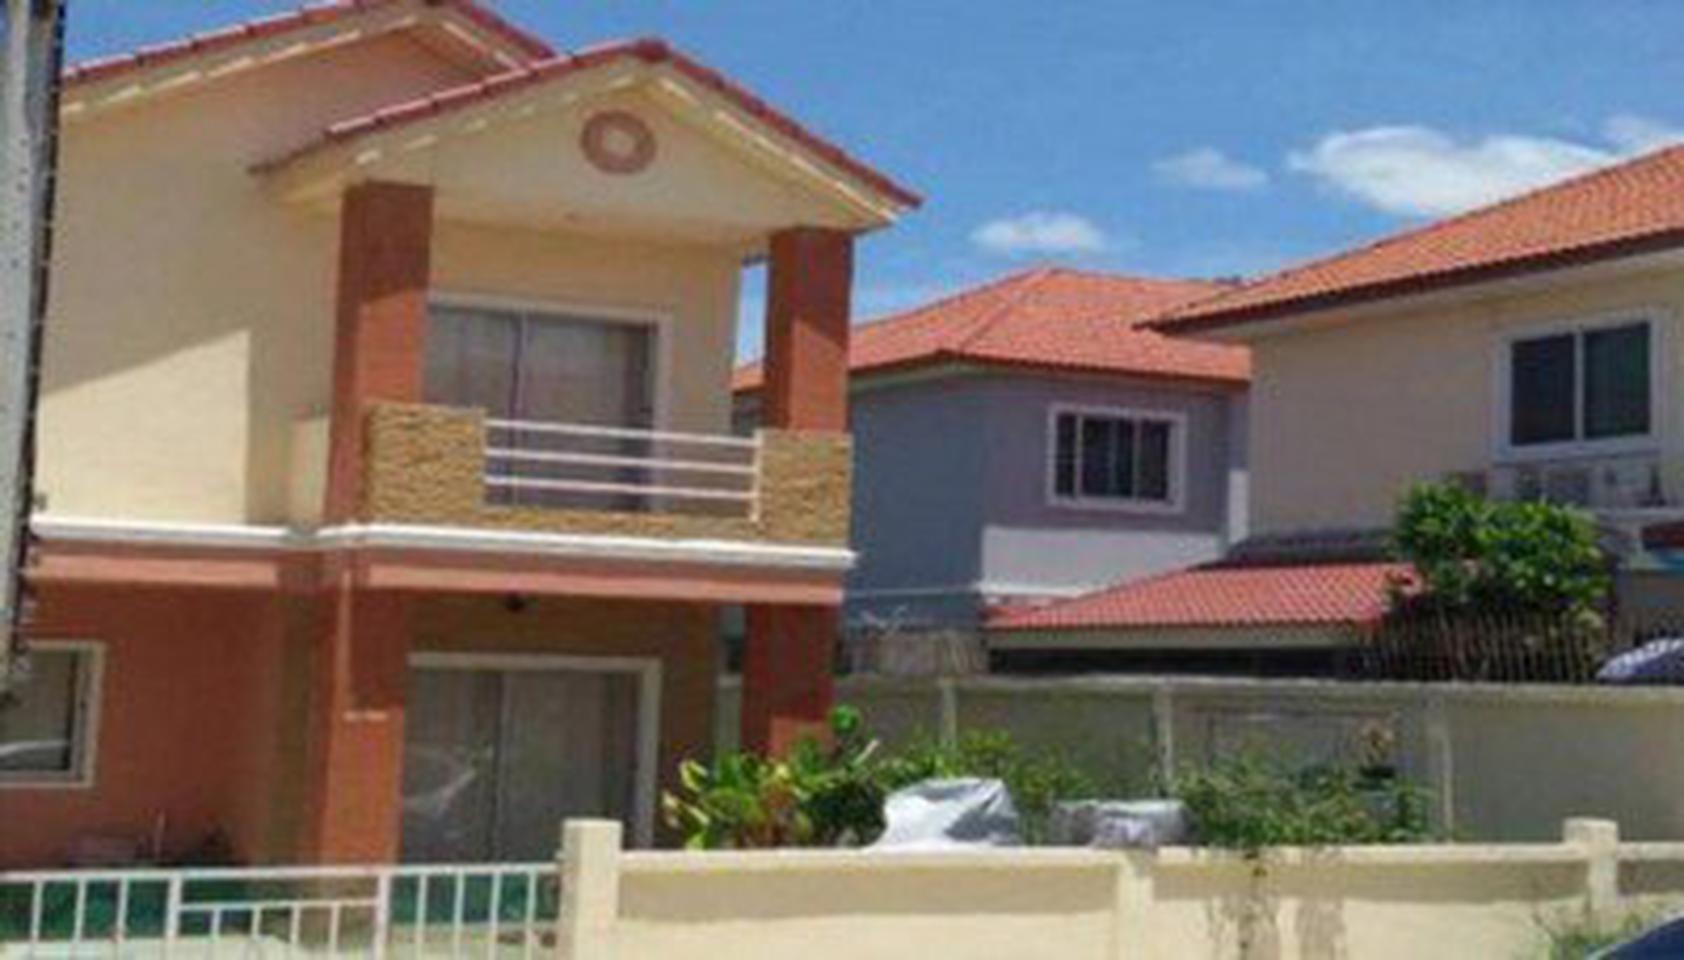 ขาย บ้านใหม่ 2 ชั้น หมู่บ้านสิวารัตน์ 9  รูปที่ 5